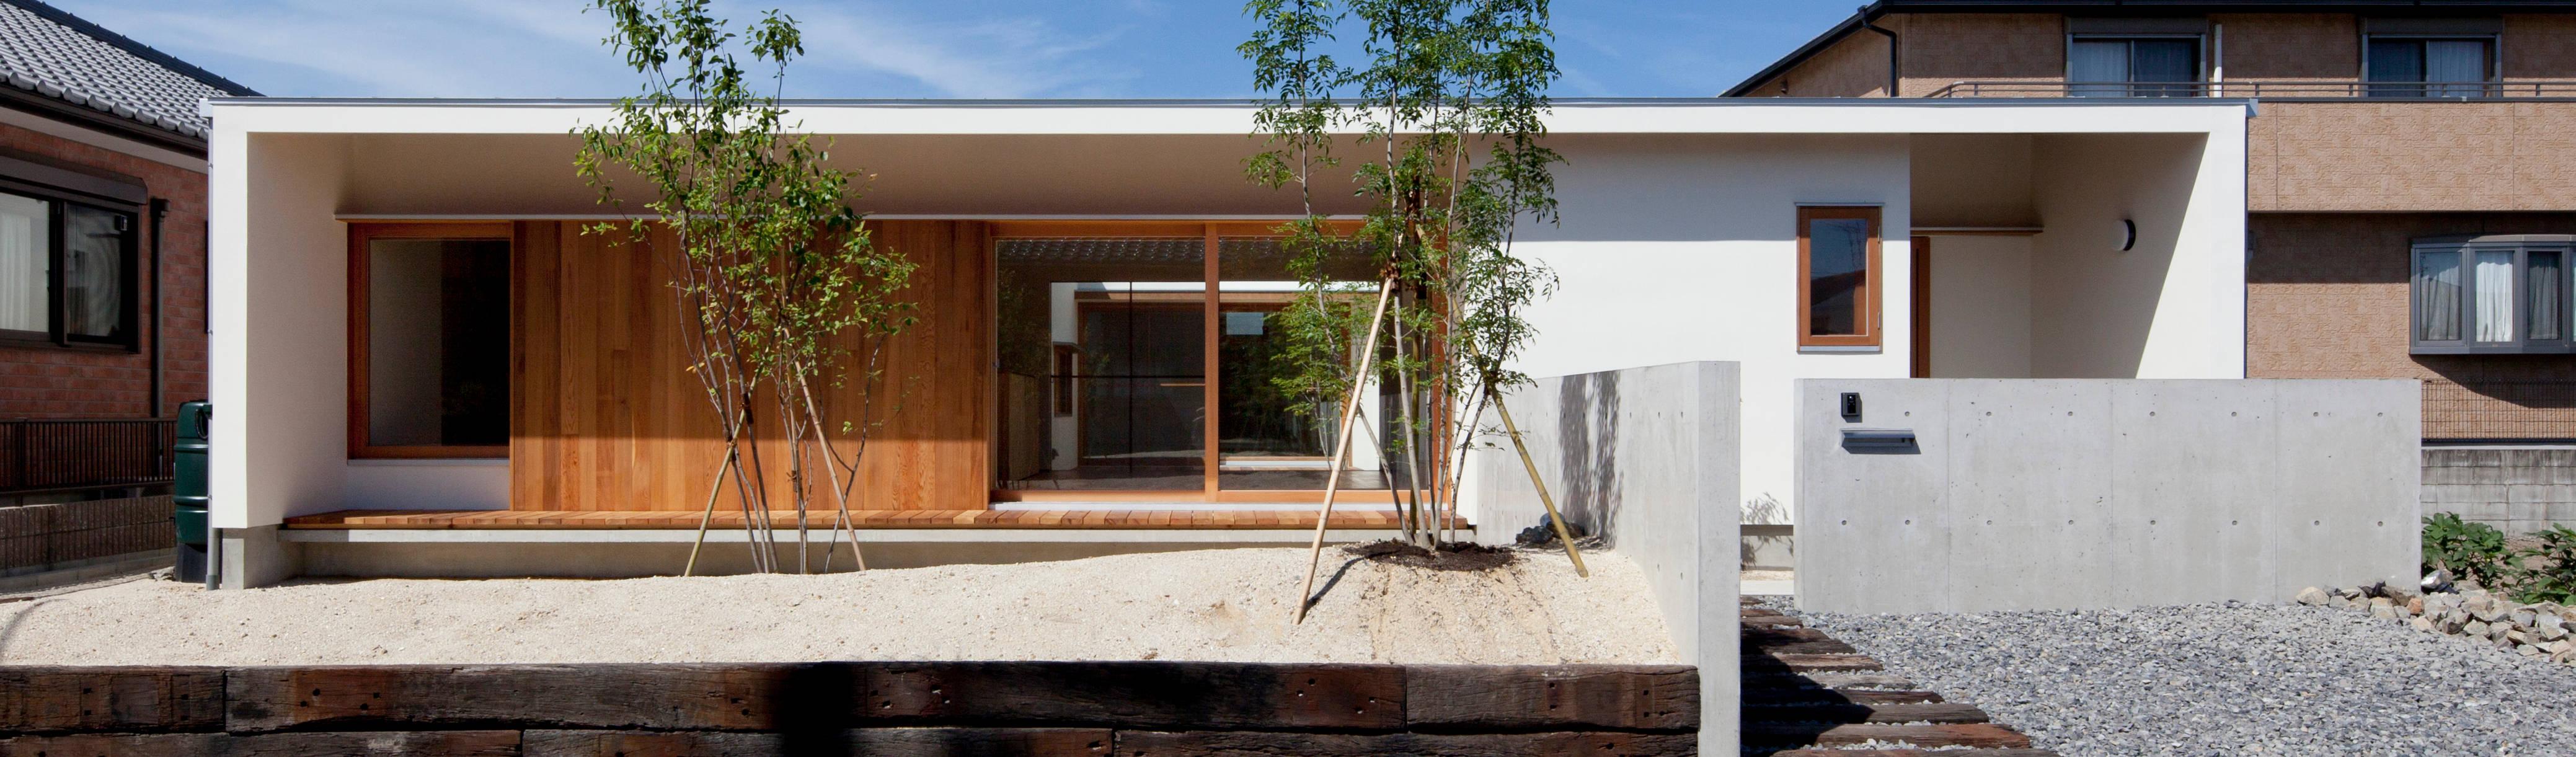 松原建築計画 一級建築士事務所 / Matsubara Architect Design Office